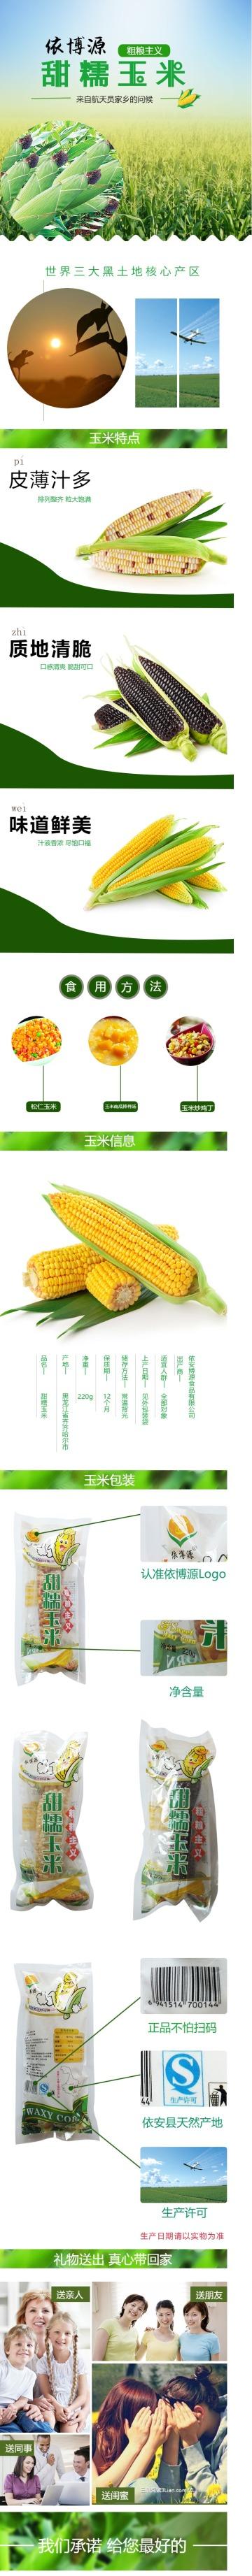 清新简约甜糯玉米电商详情页